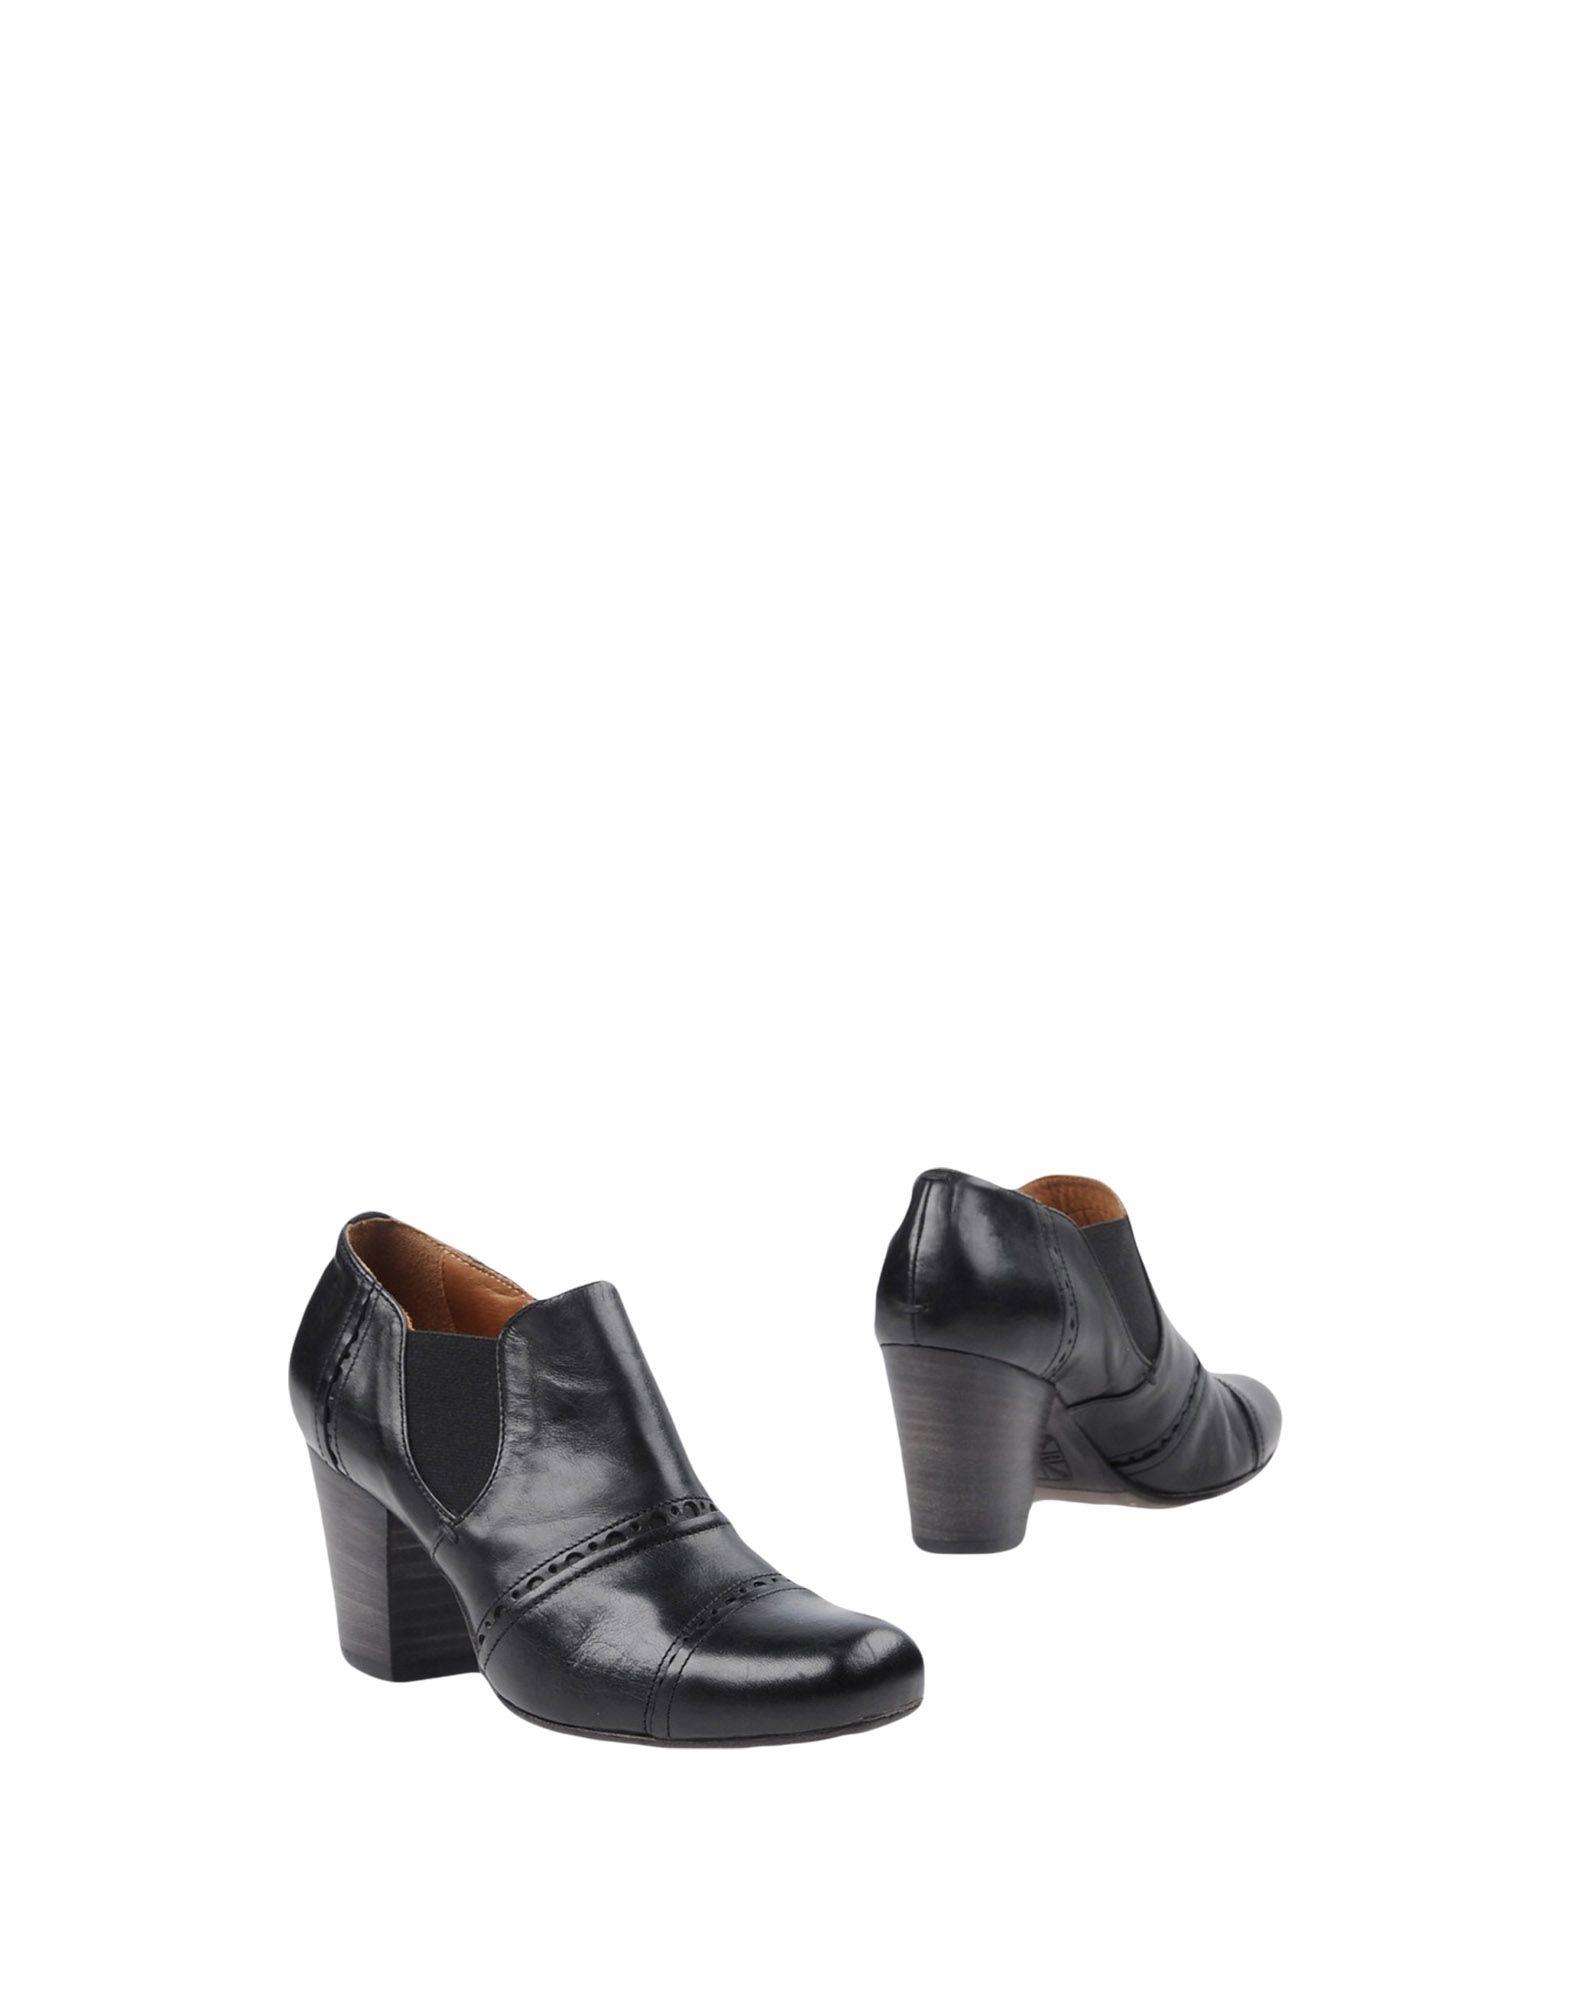 Pantanetti Stiefelette Damen  11362769DB Gute Qualität beliebte Schuhe